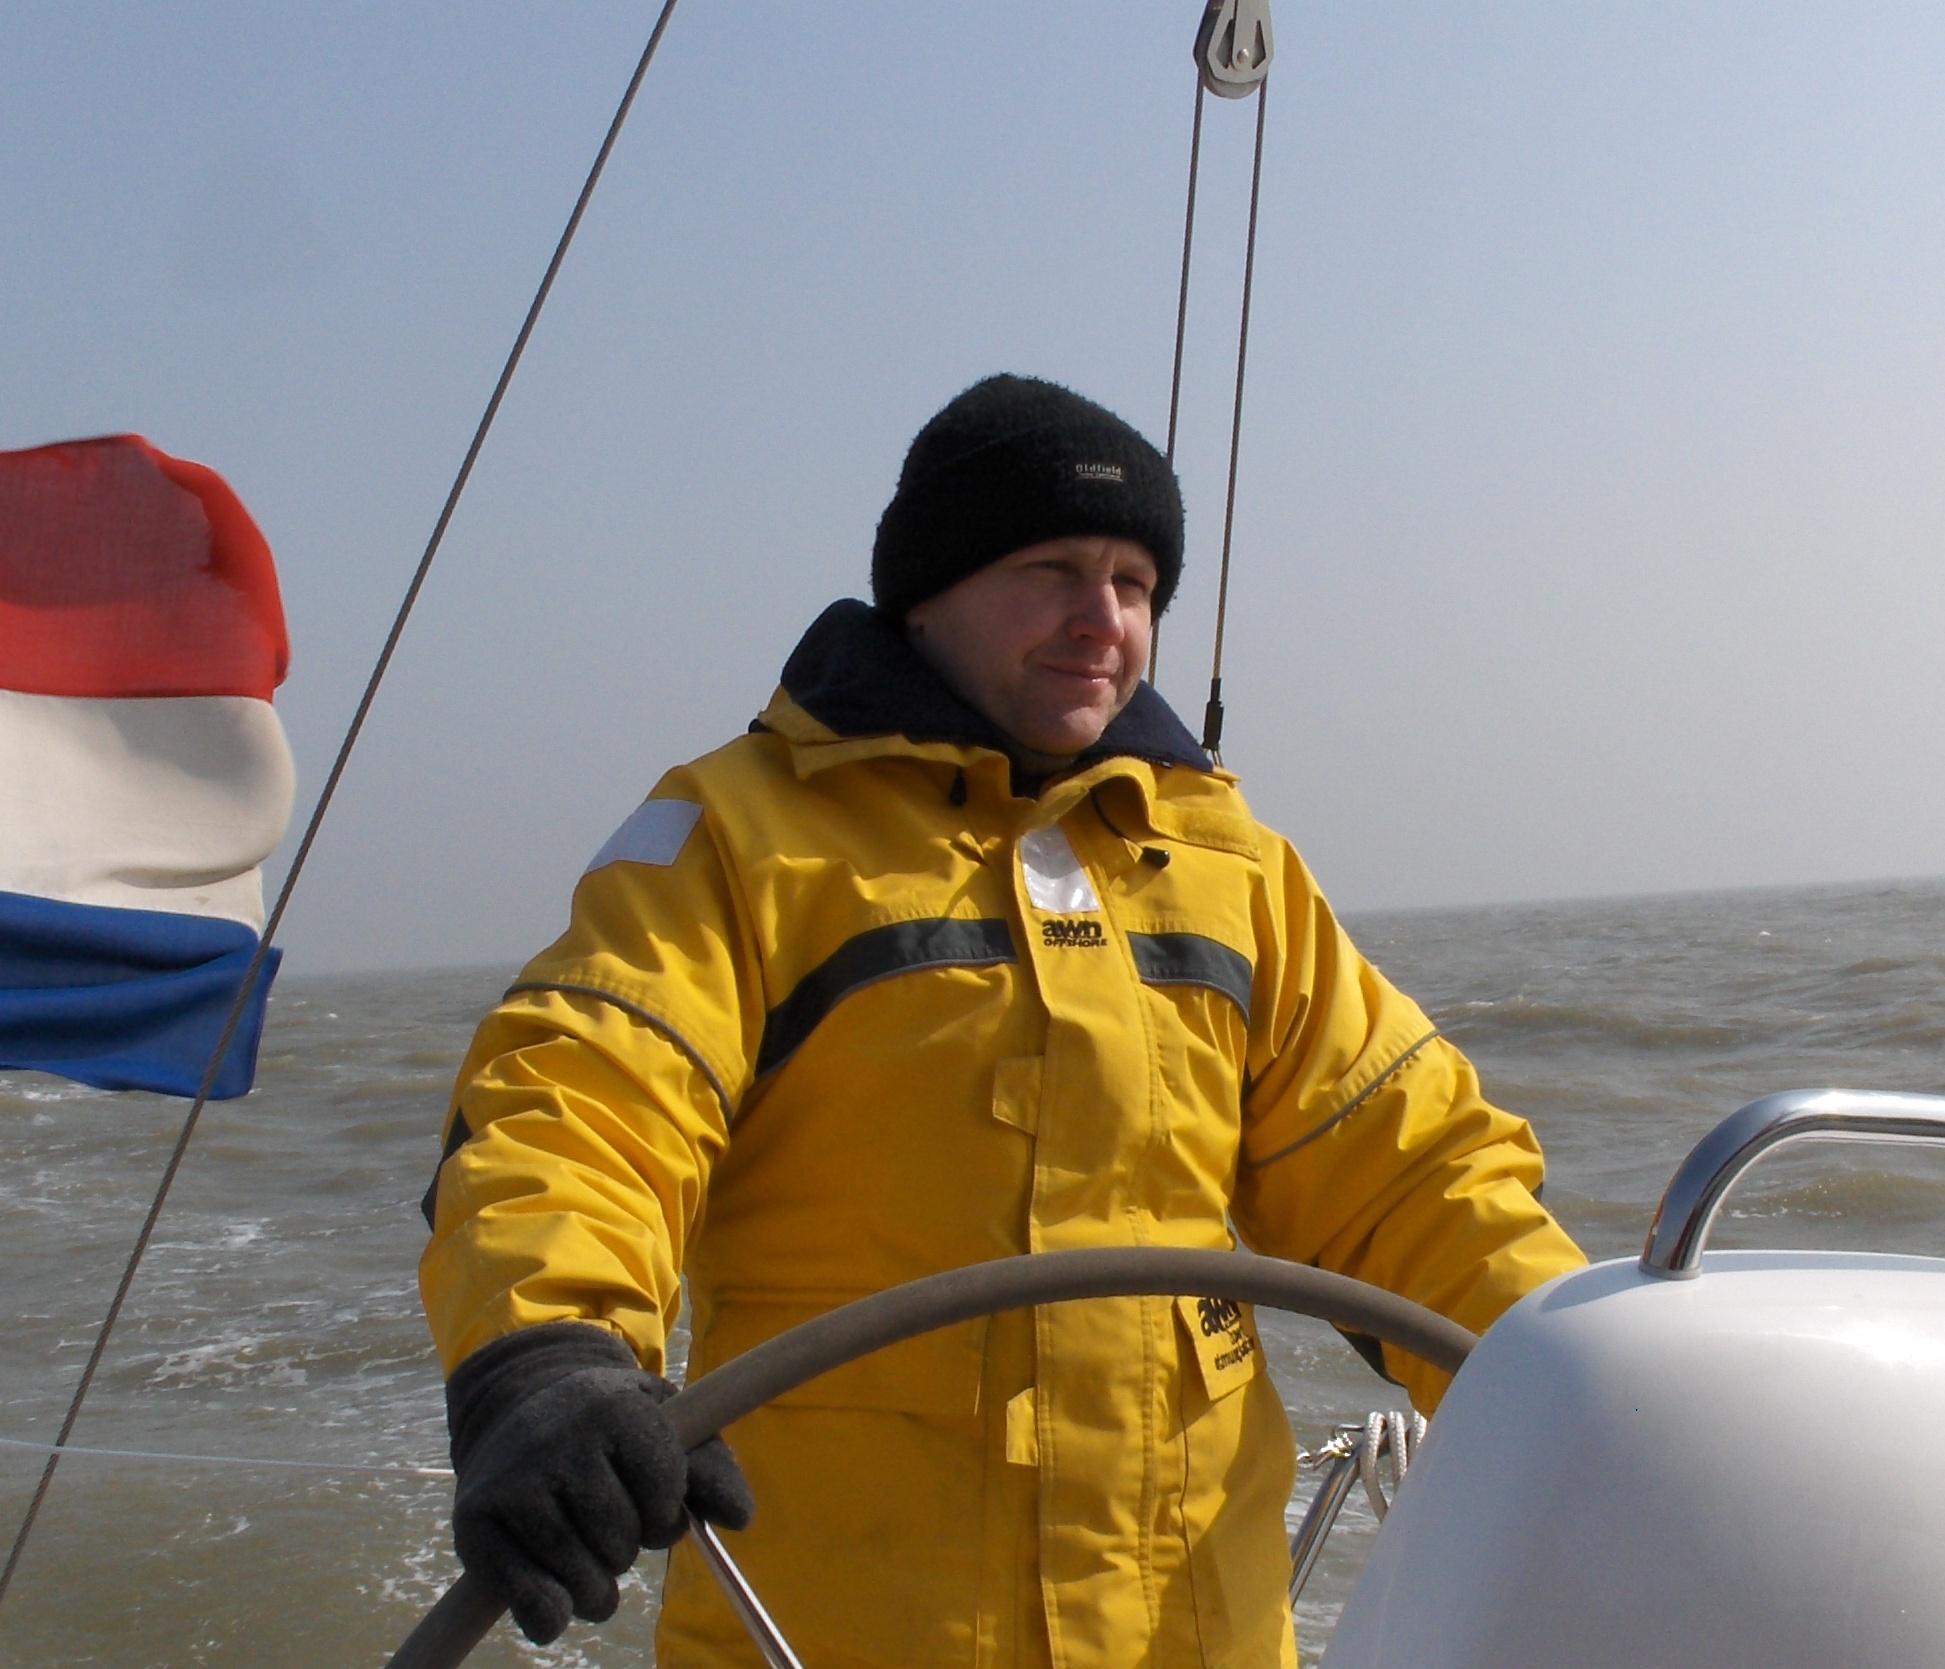 Marek Wozniakowski